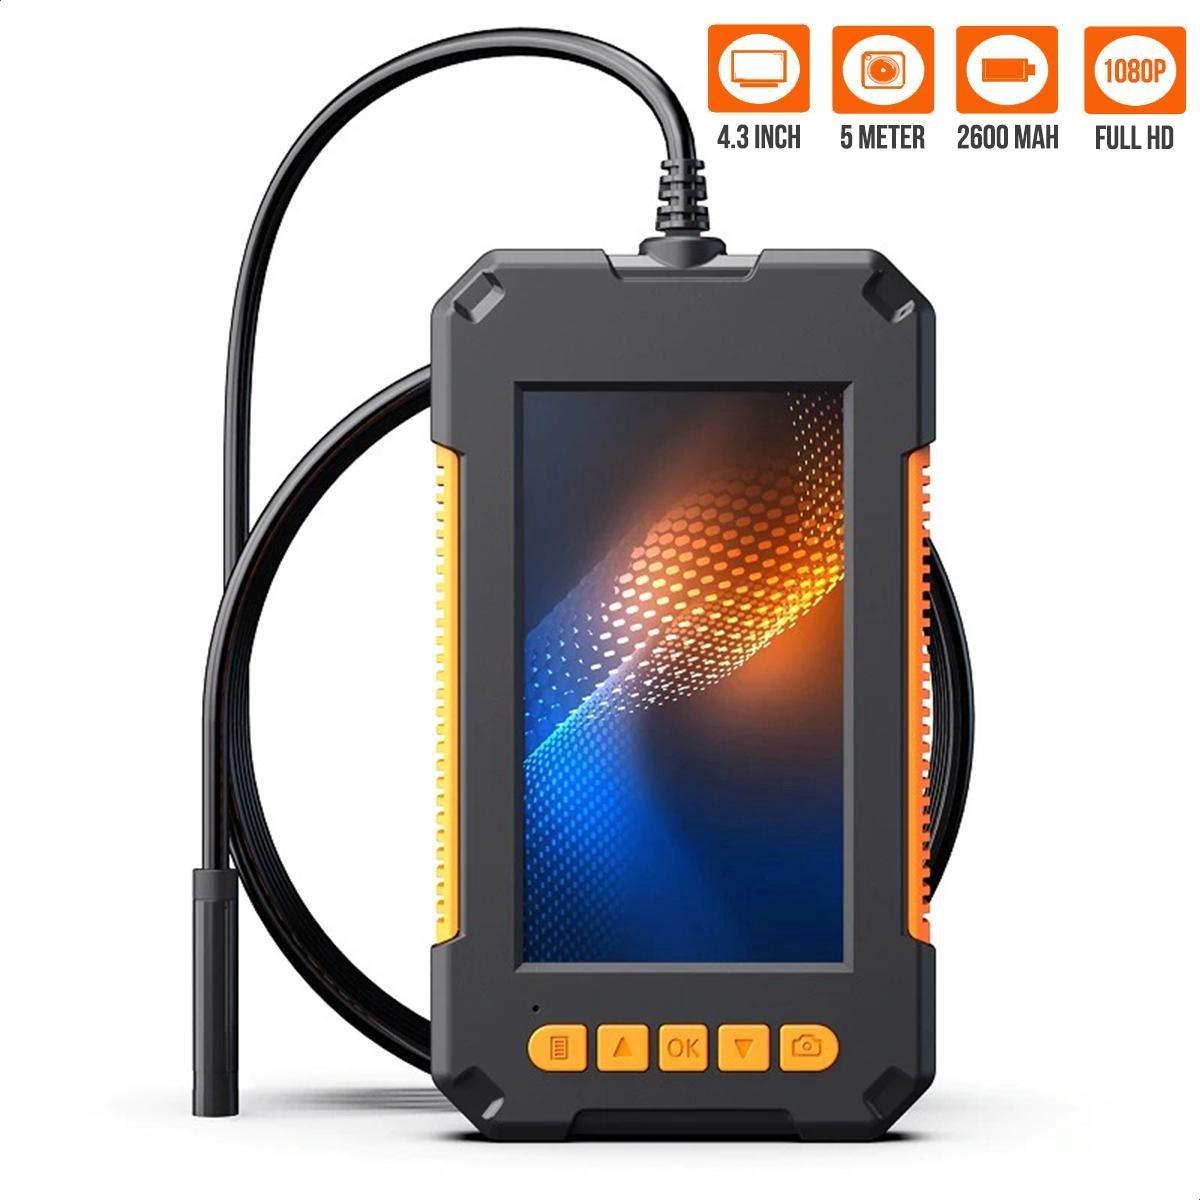 Strex Inspectiecamera met Scherm 5M - 1080P HD - 4.3 inch LCD scherm - IP67 Waterdicht - LED Verlich